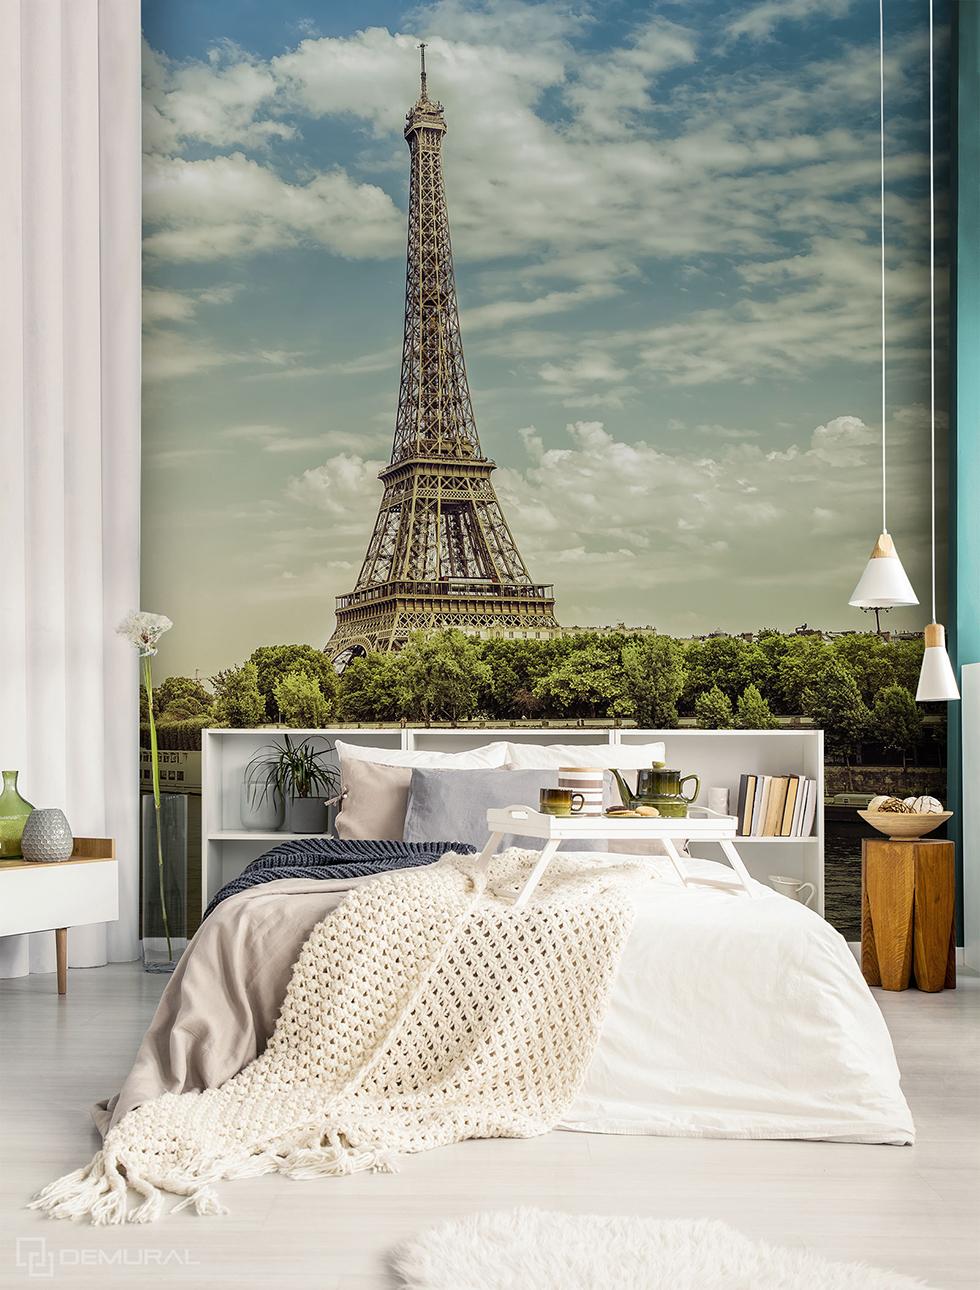 Fototapete Traum über der Seine - Fototapete mit Eiffelturm - Demural